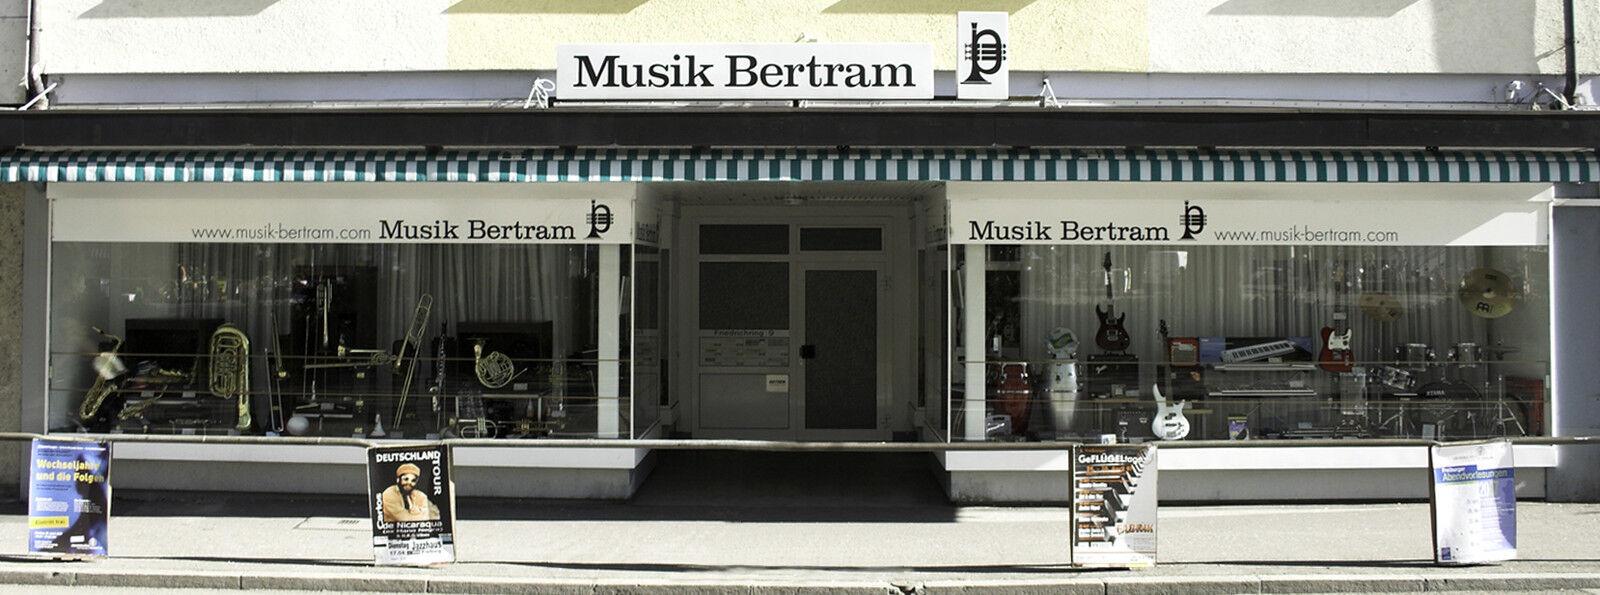 Musik-Bertram